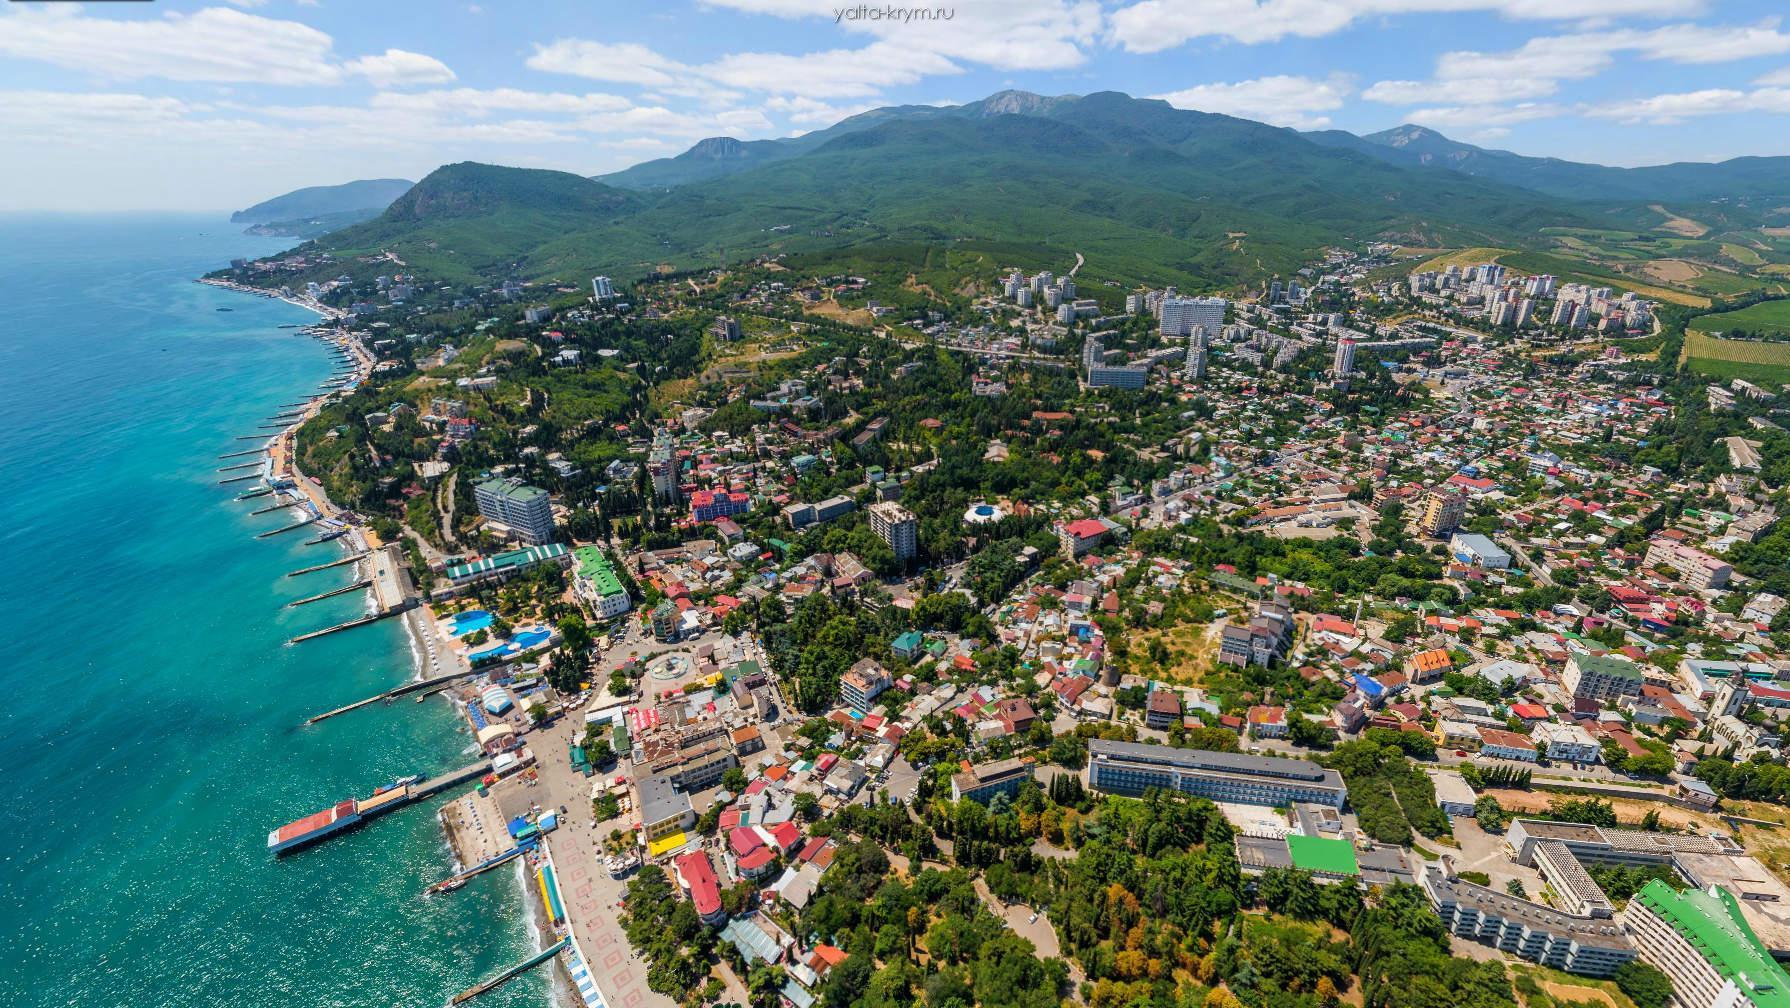 Аэросъемка в Крыму - Ялта